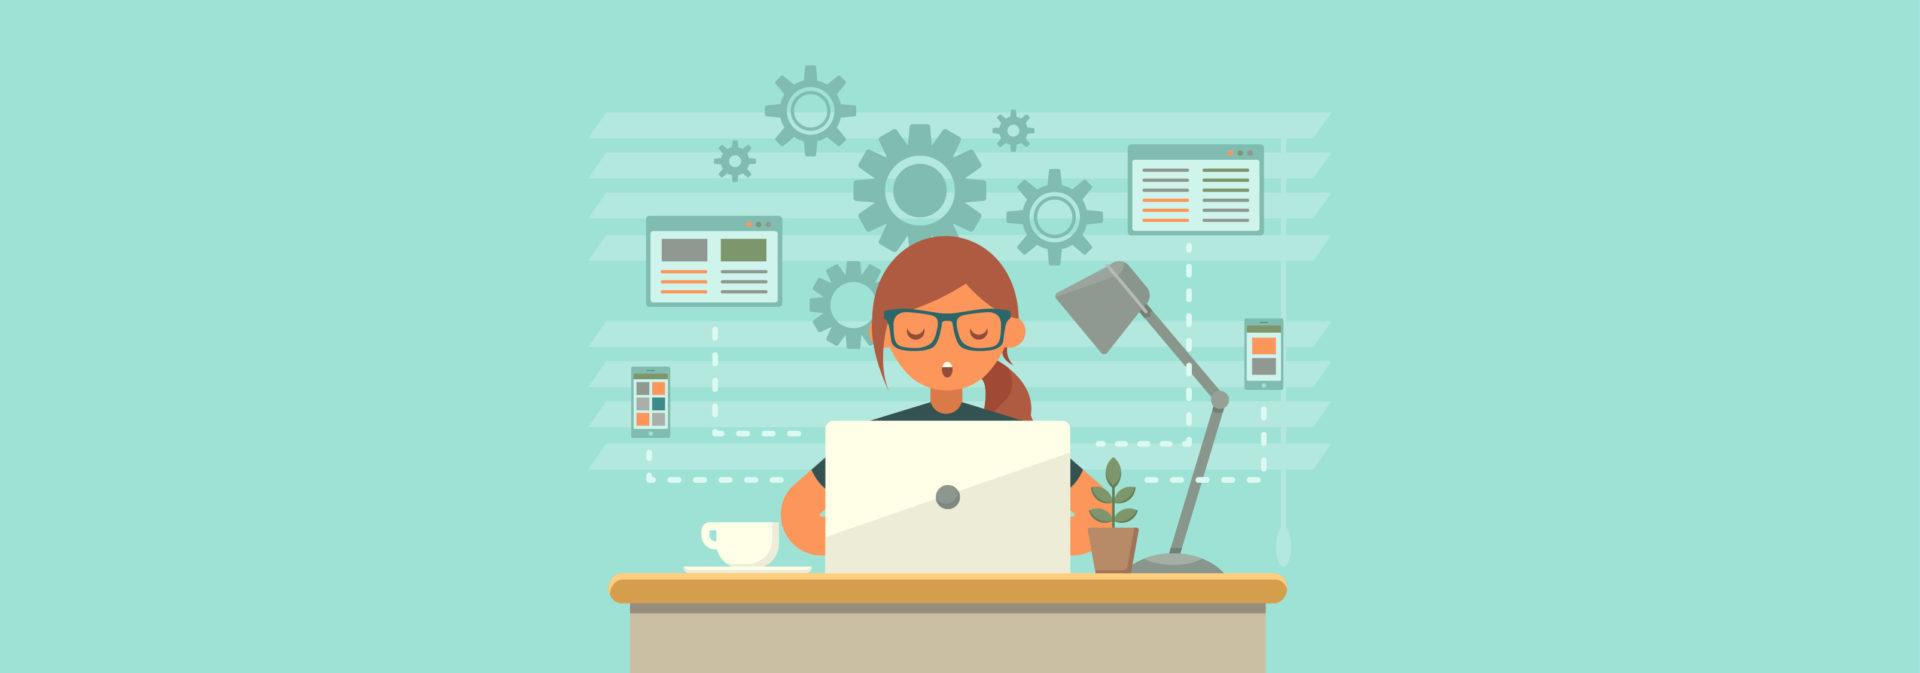 Логотип «В какой отрасли программирования можно добиться большего успеха и лучше зарабатывать на жизнь?»